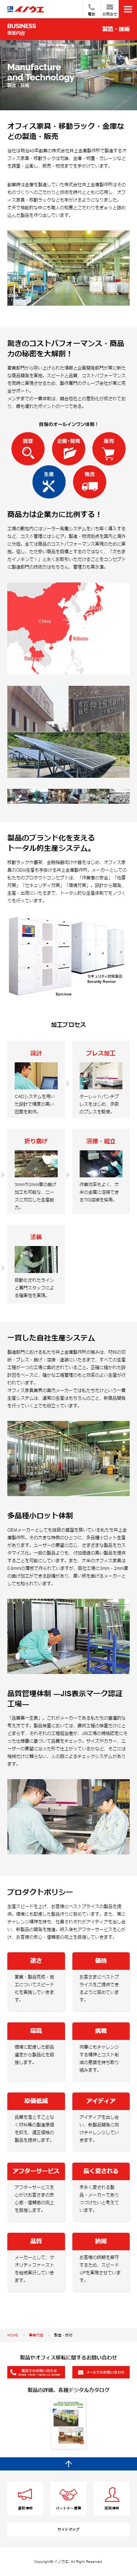 井上金庫販売株式会社様4